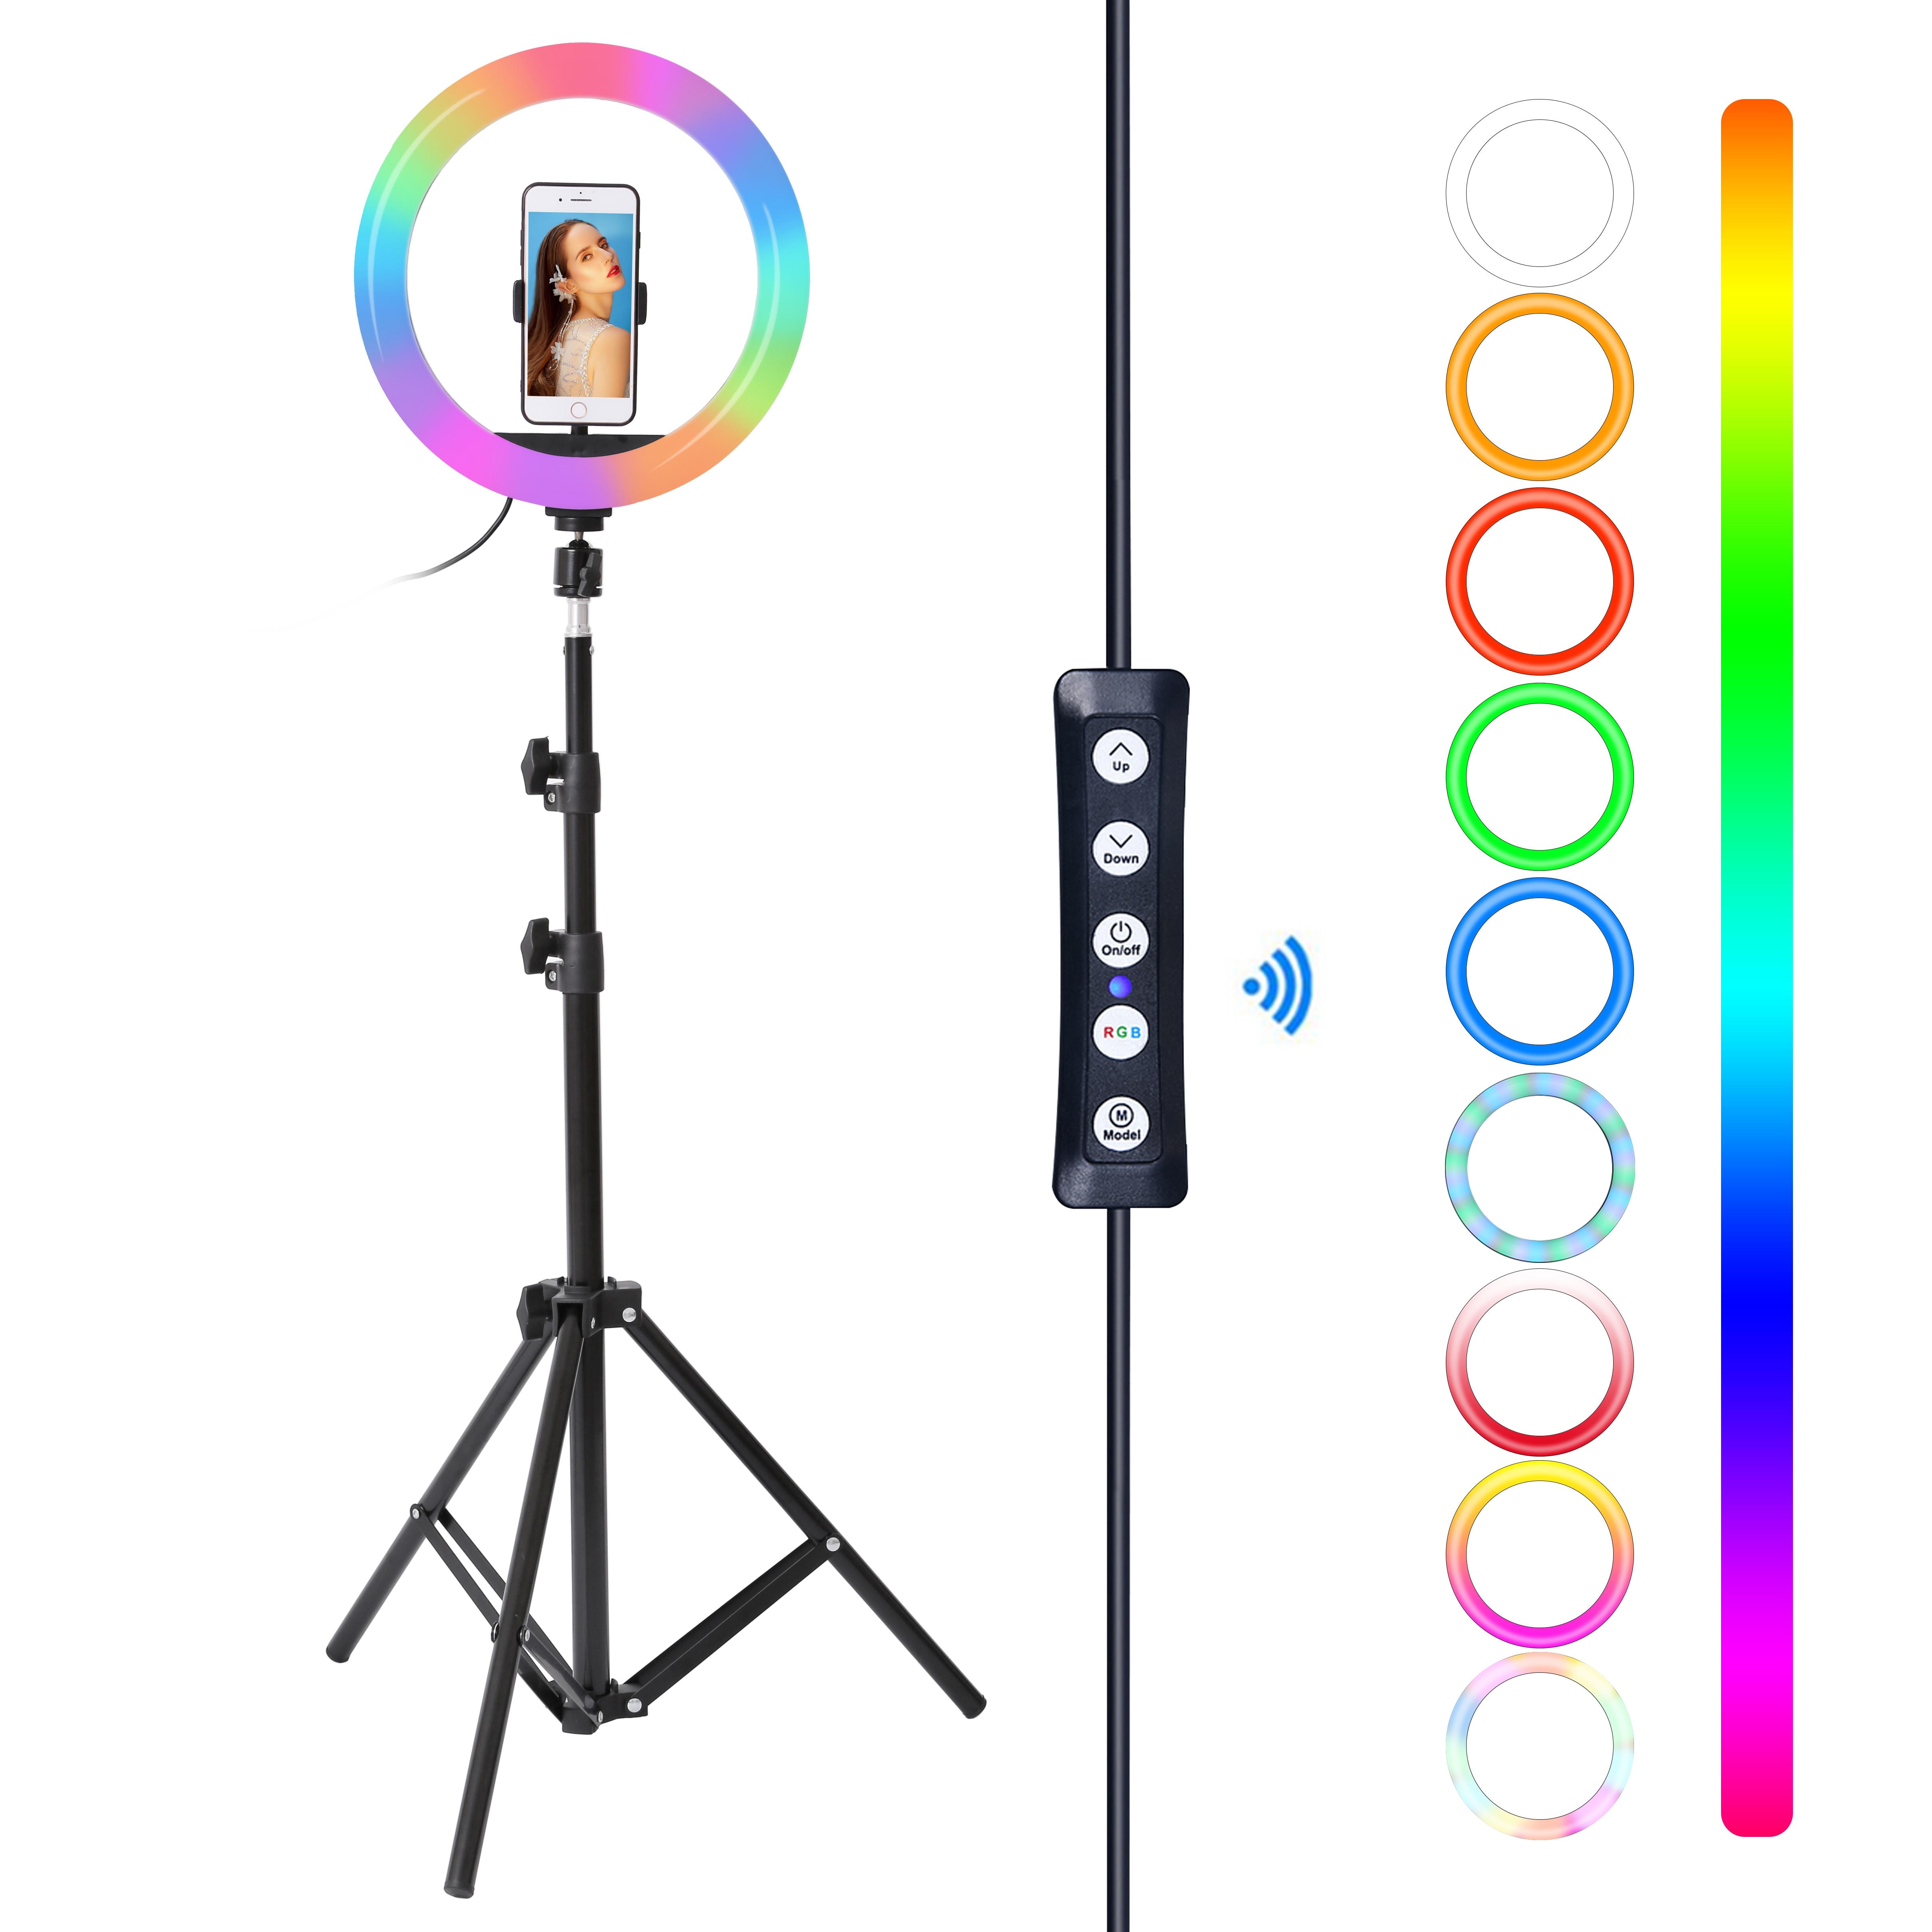 Светодиодный кольцевой светильник, 10-дюймовая лампа с регулируемой яркостью, со штативом, для съемки фото и видео, подходит для Youtube и TikTok